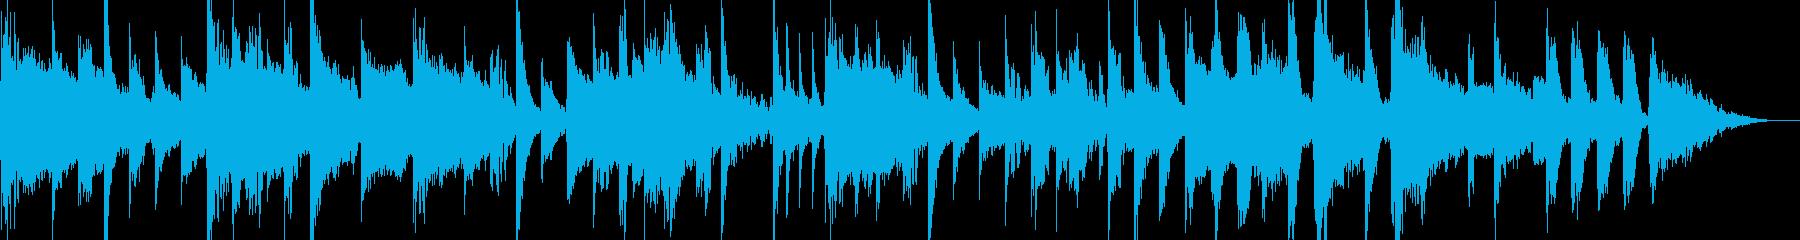 コロコロとしたエレクトロ調15秒ジングルの再生済みの波形